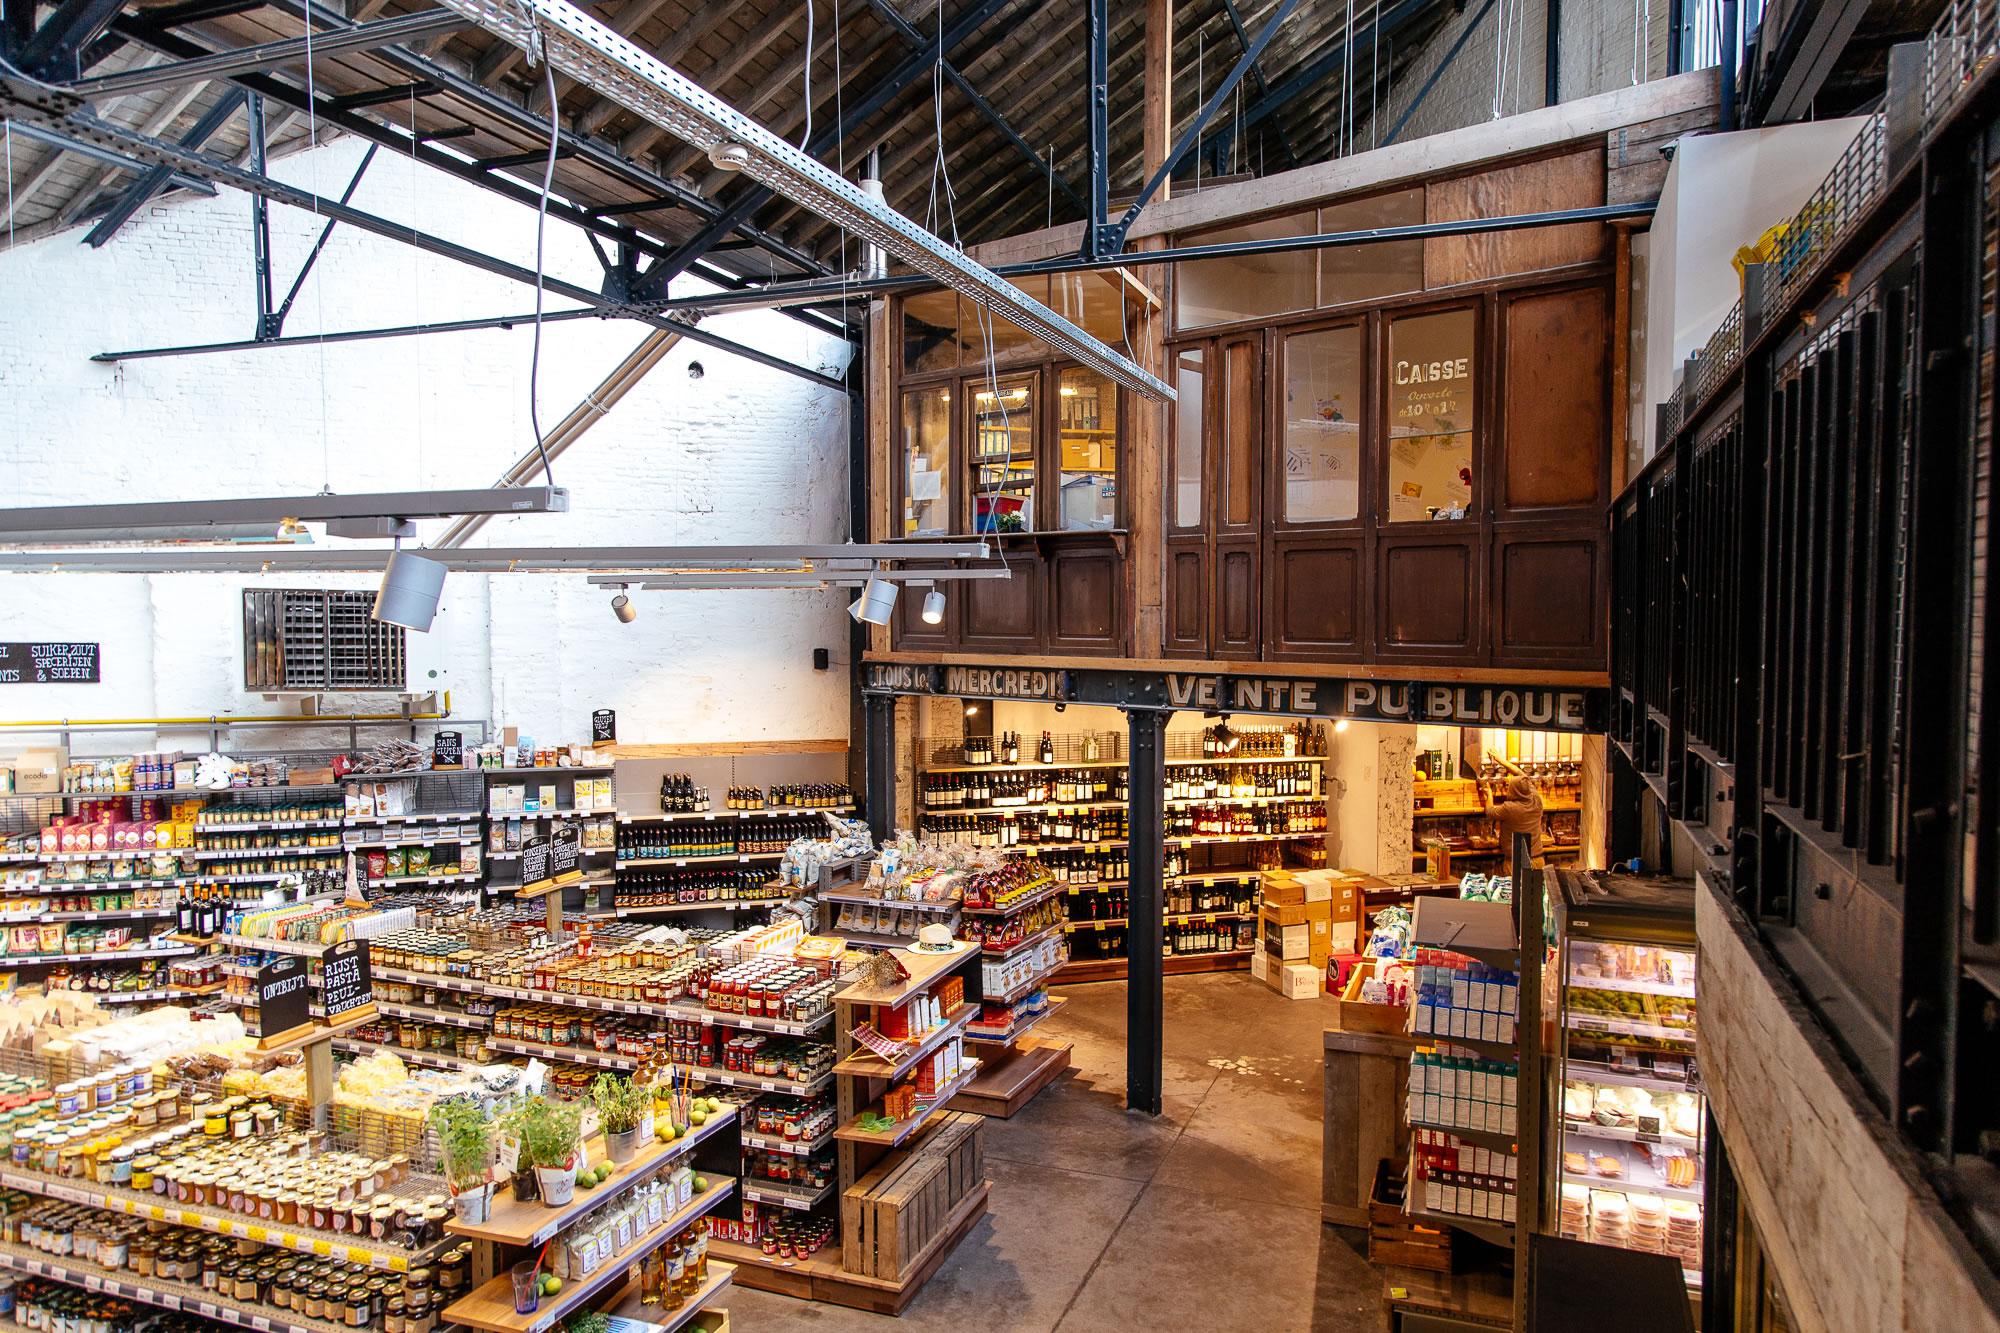 FÄRM Coop : Plateforme logistique bruxelloise de produits locaux et bios